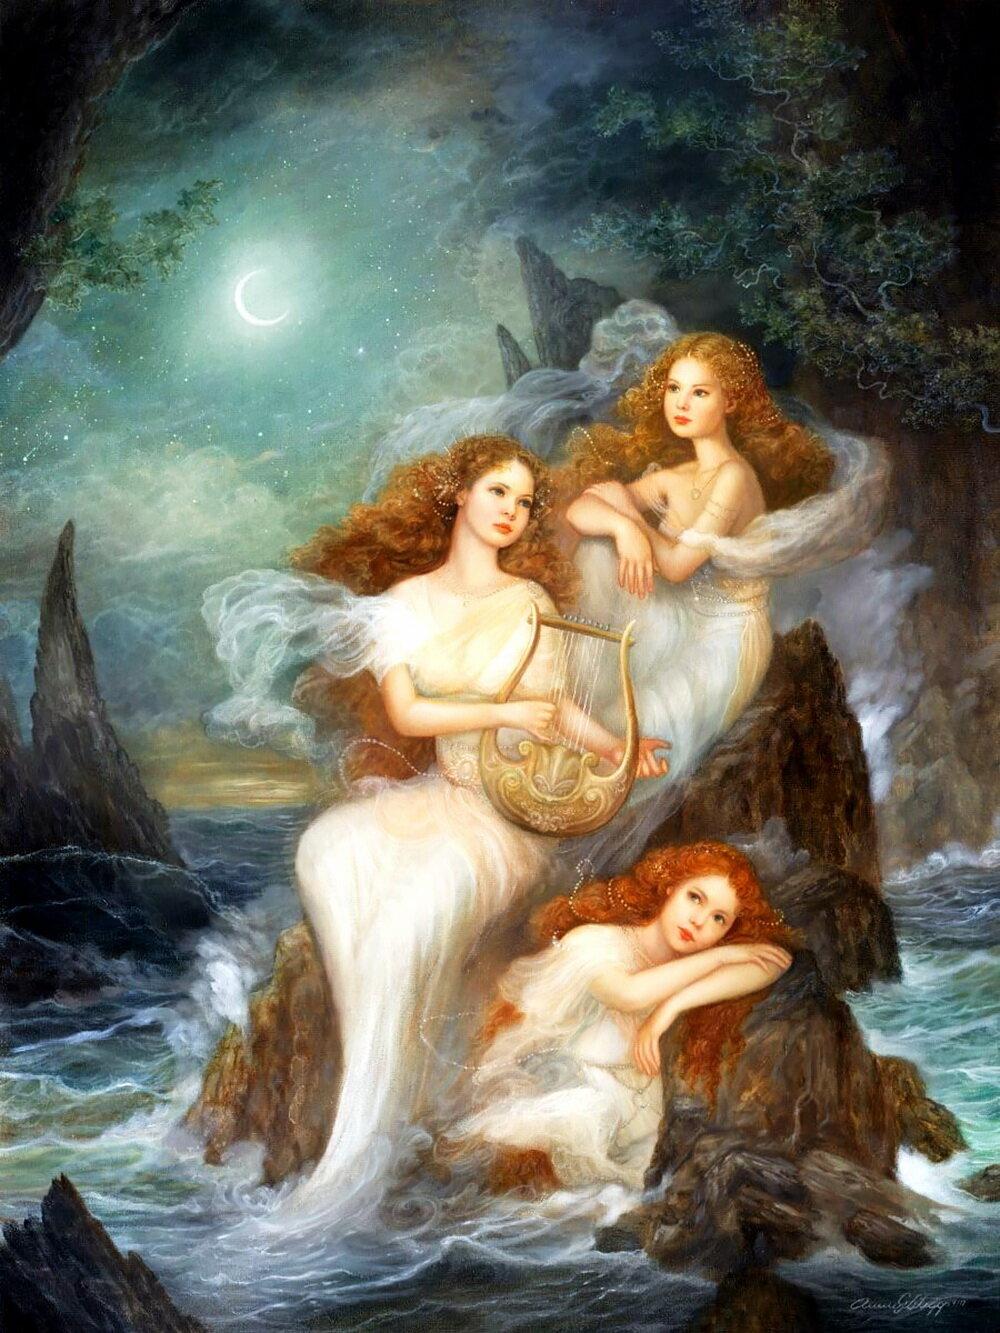 Морская нимфа нереида. нереиды — морские сестры из греческой мифологии. нимфа - это прекрасное божество или таинственный дух природы